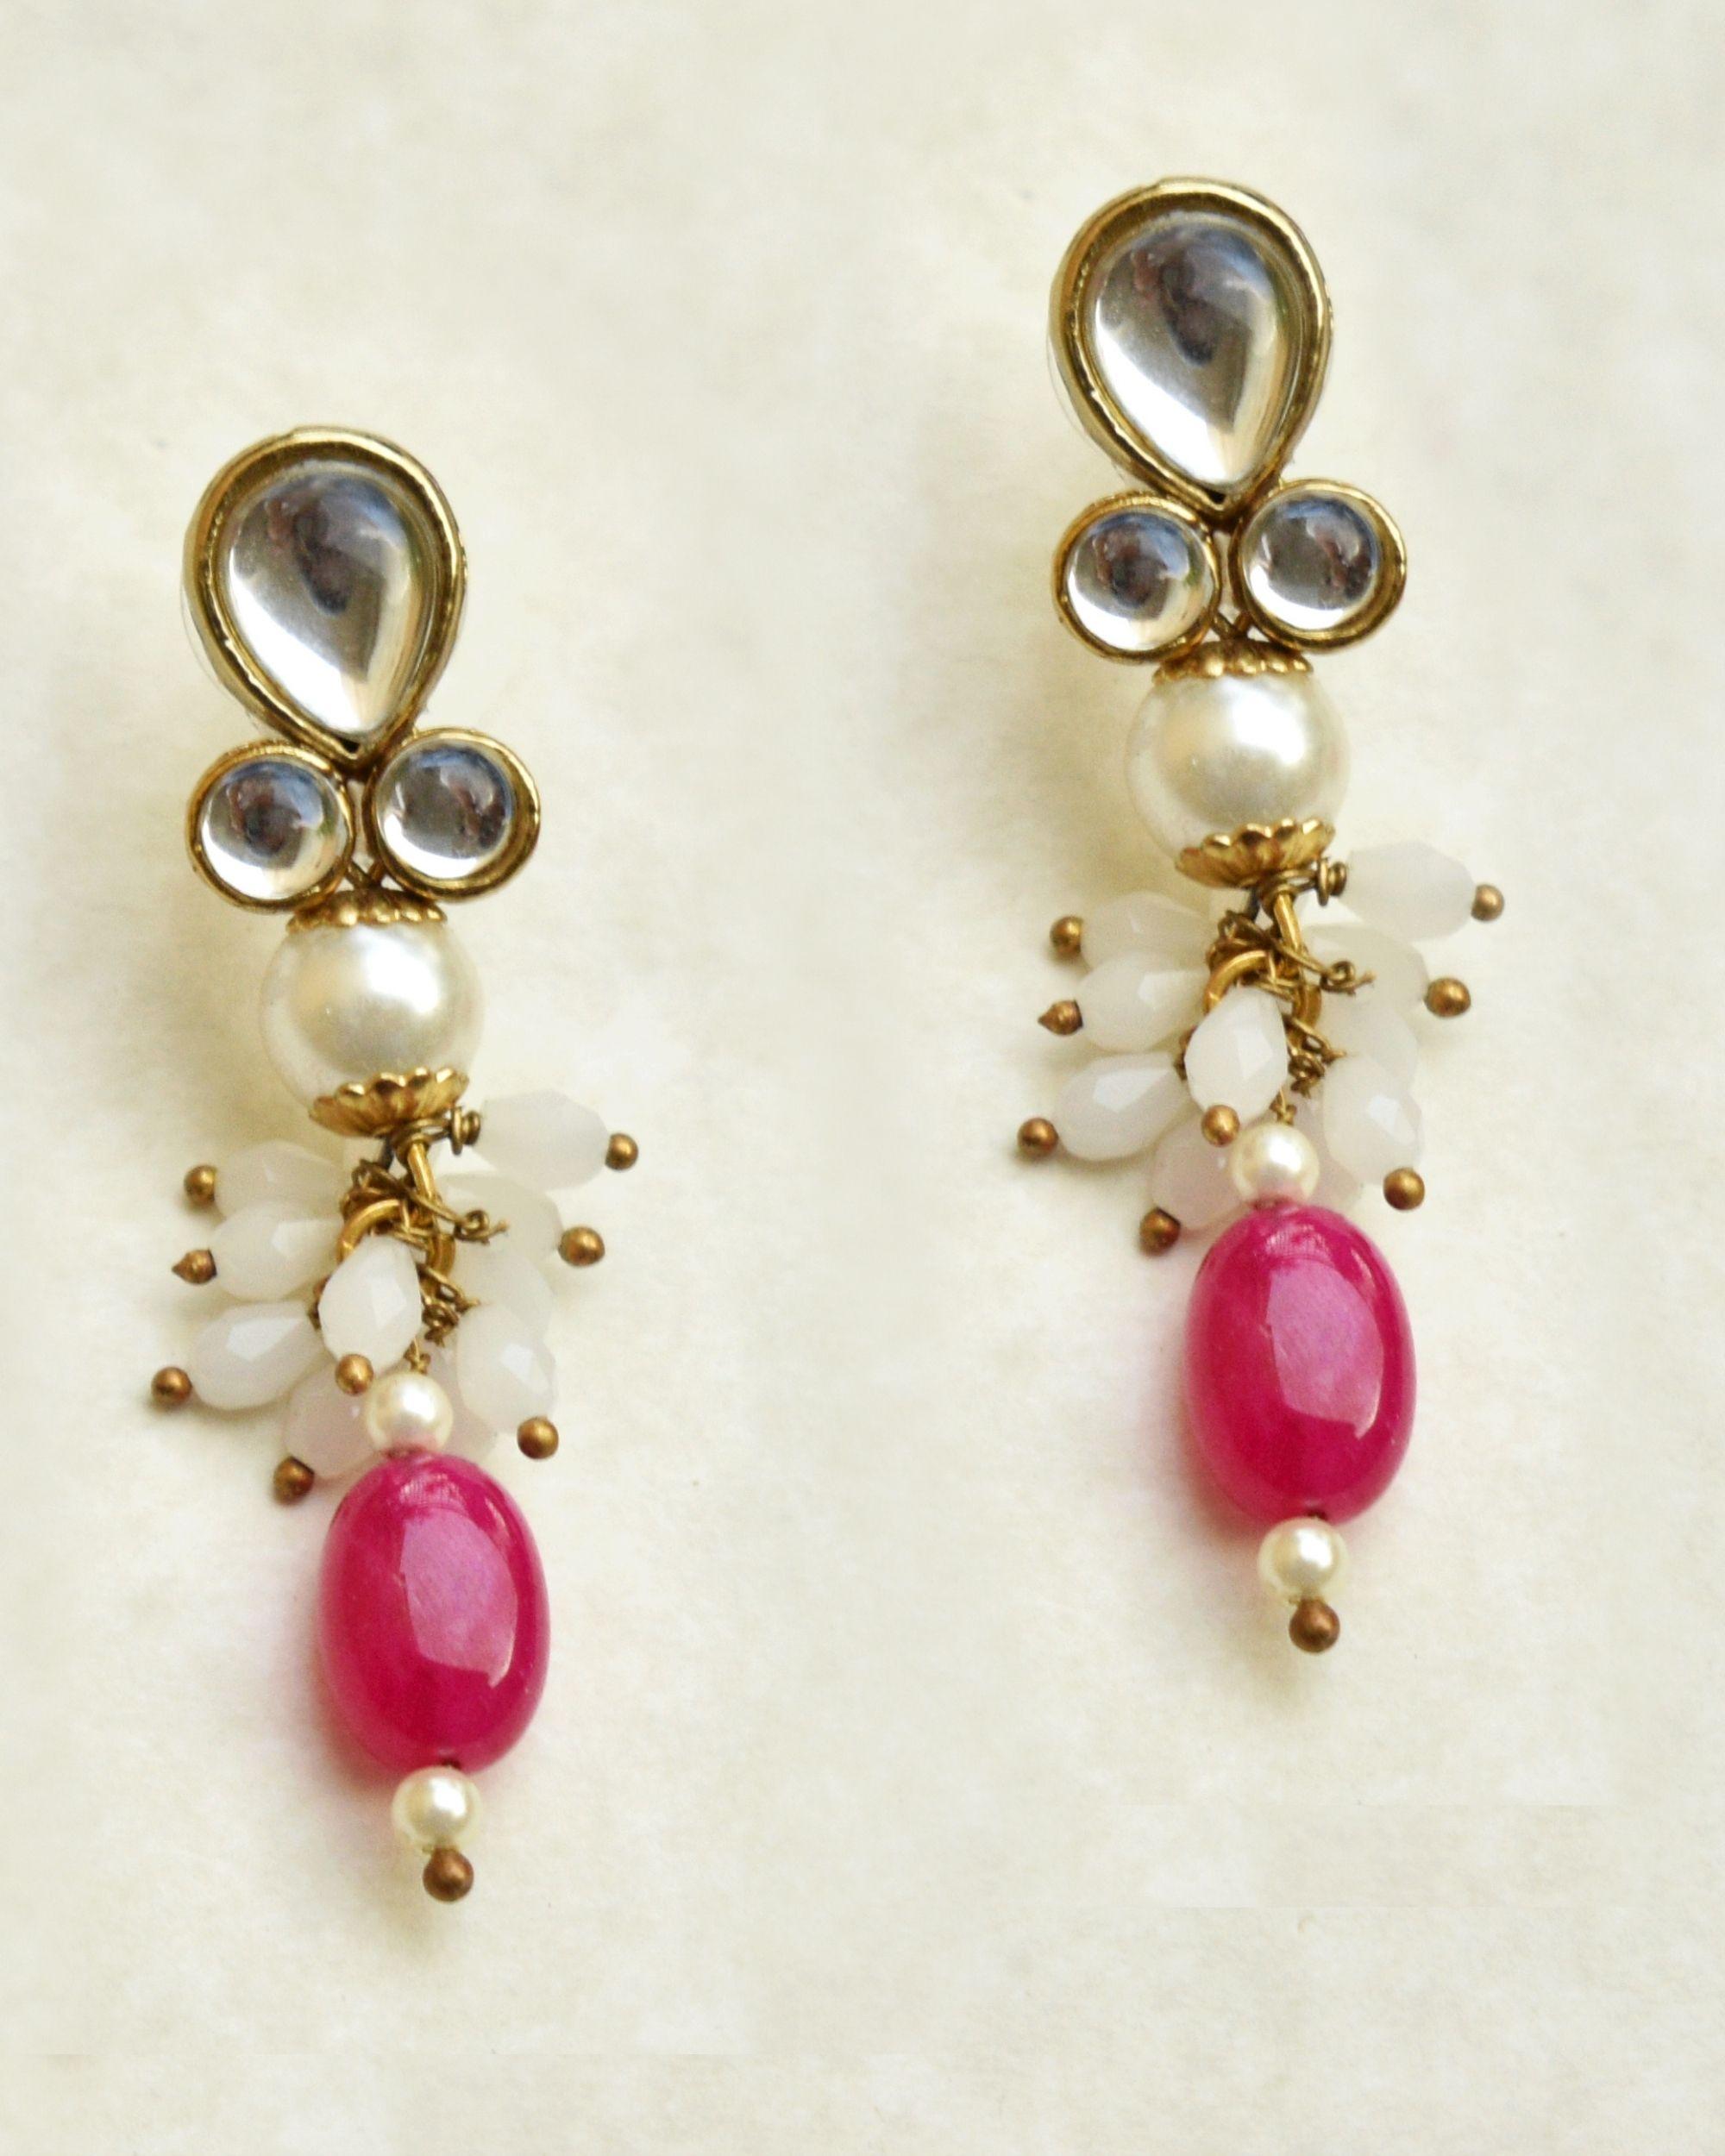 Red stone drop earrings